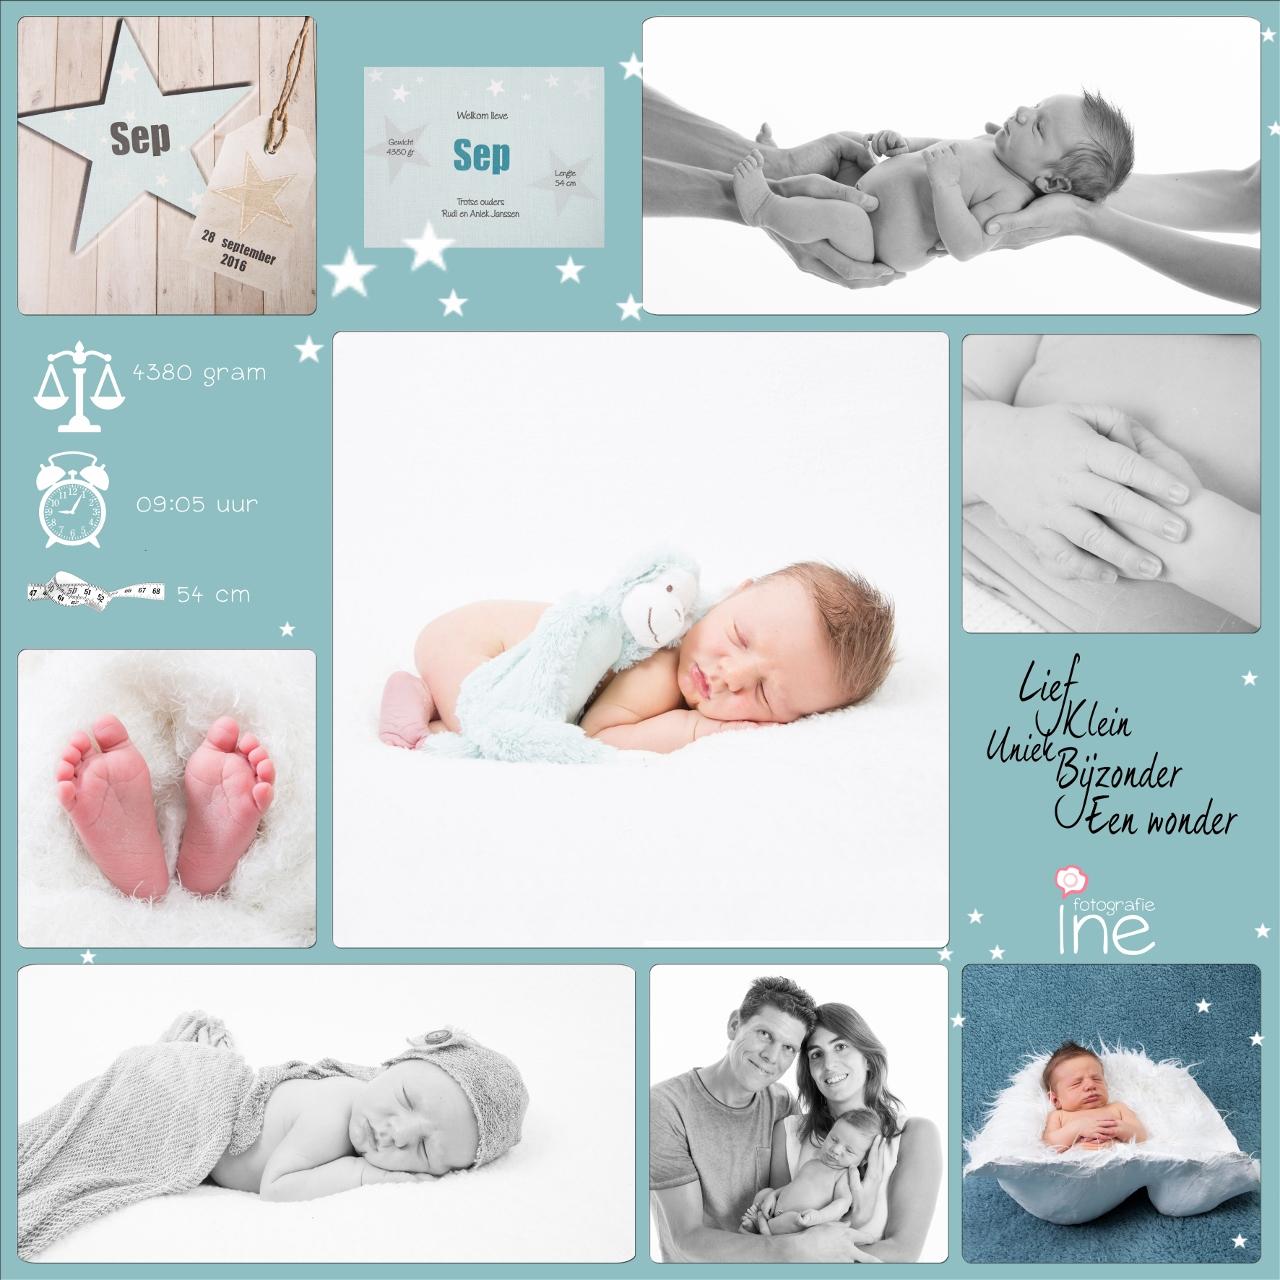 collage-geboorte-tegel-sep-1280×1280